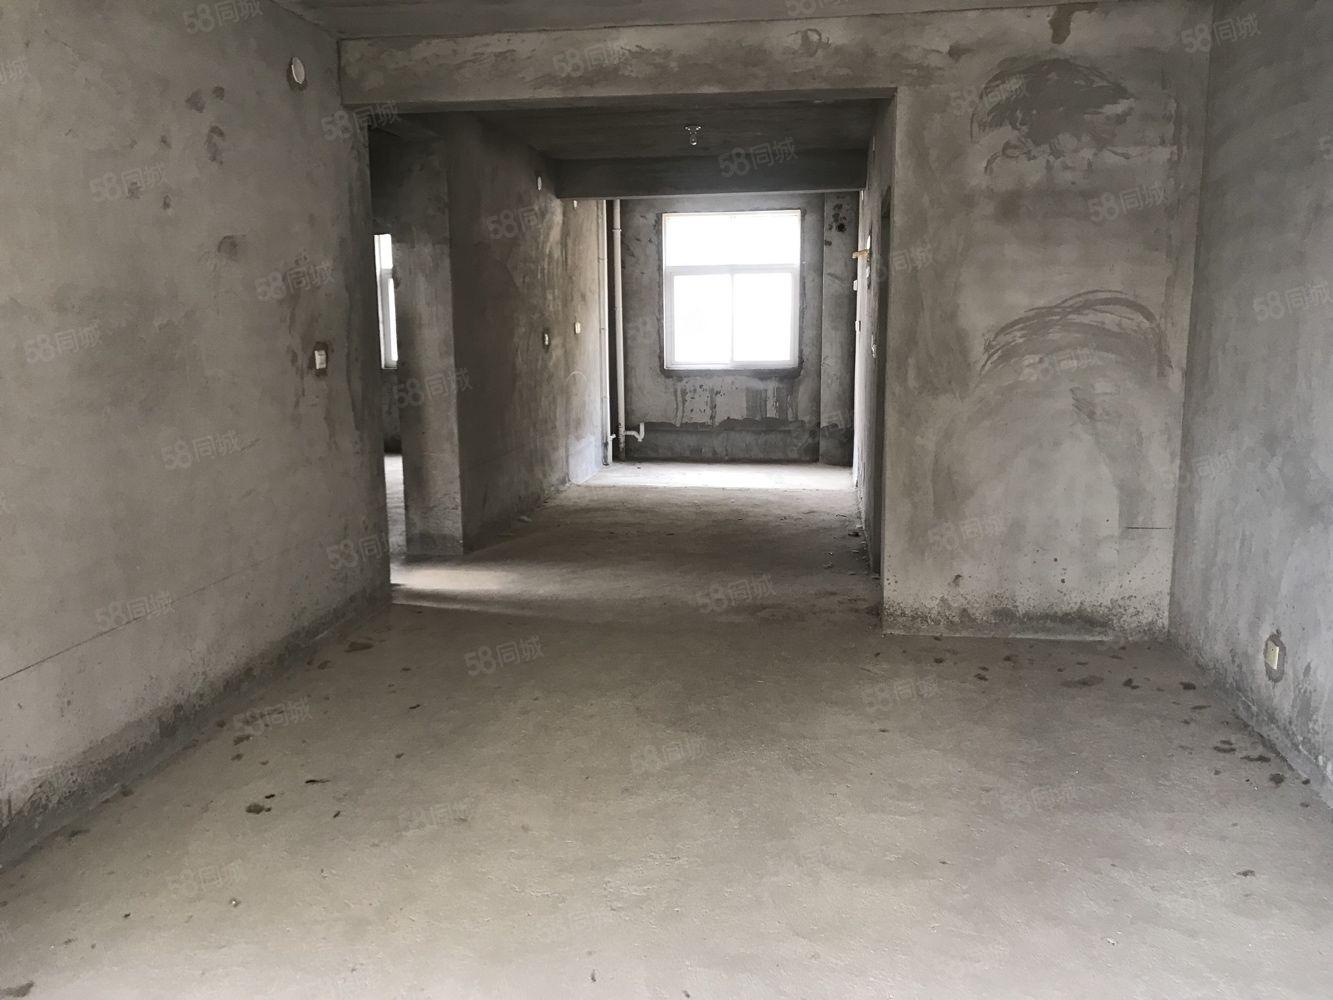 孟庙时代广场绿荫新苑2室2厅3楼毛坯房可贷款随时看房